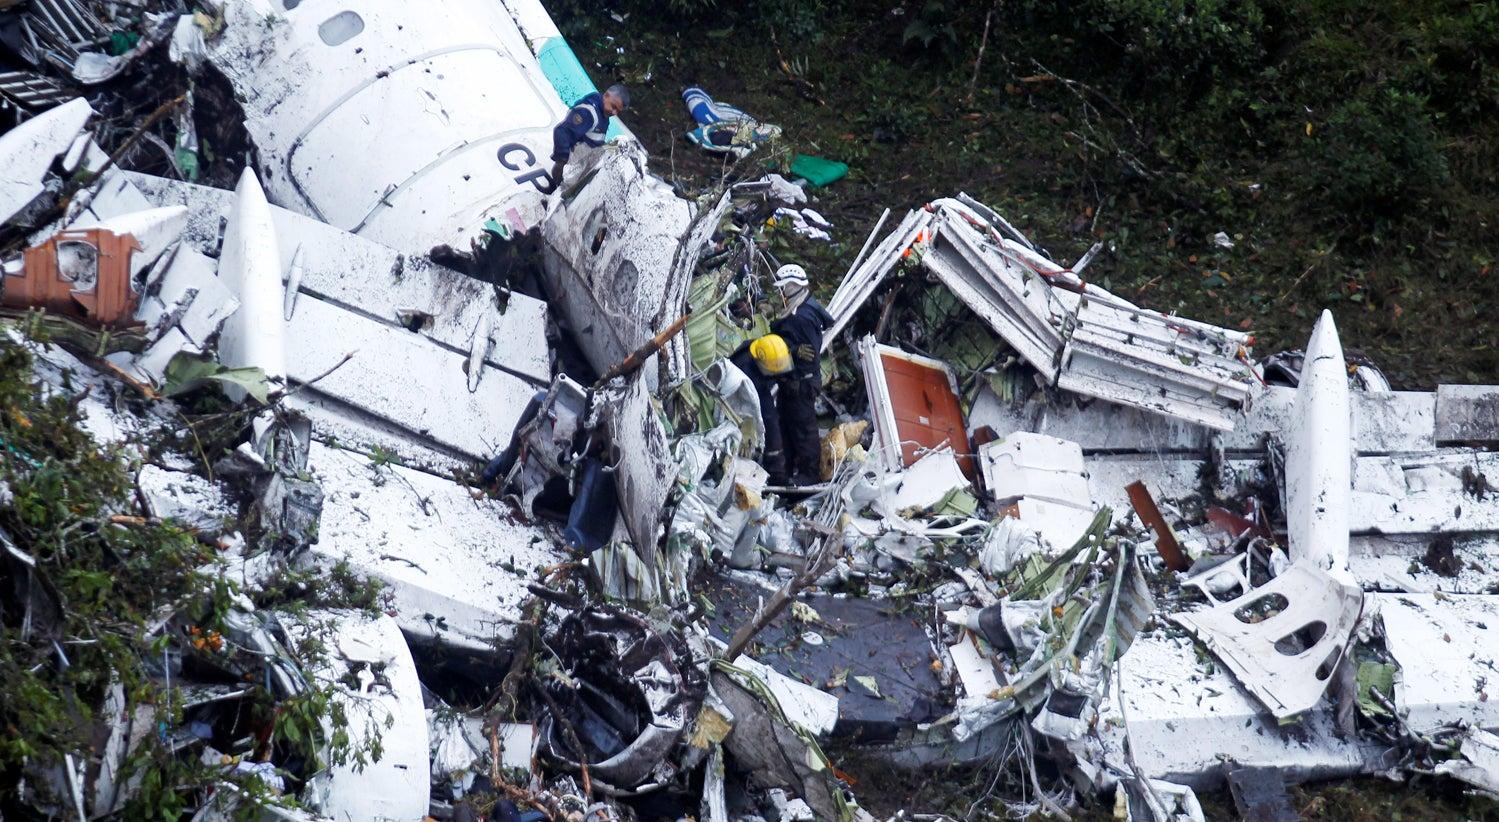 Mundo - Identificadas todas as vítimas do desastre aéreo na Colômbia